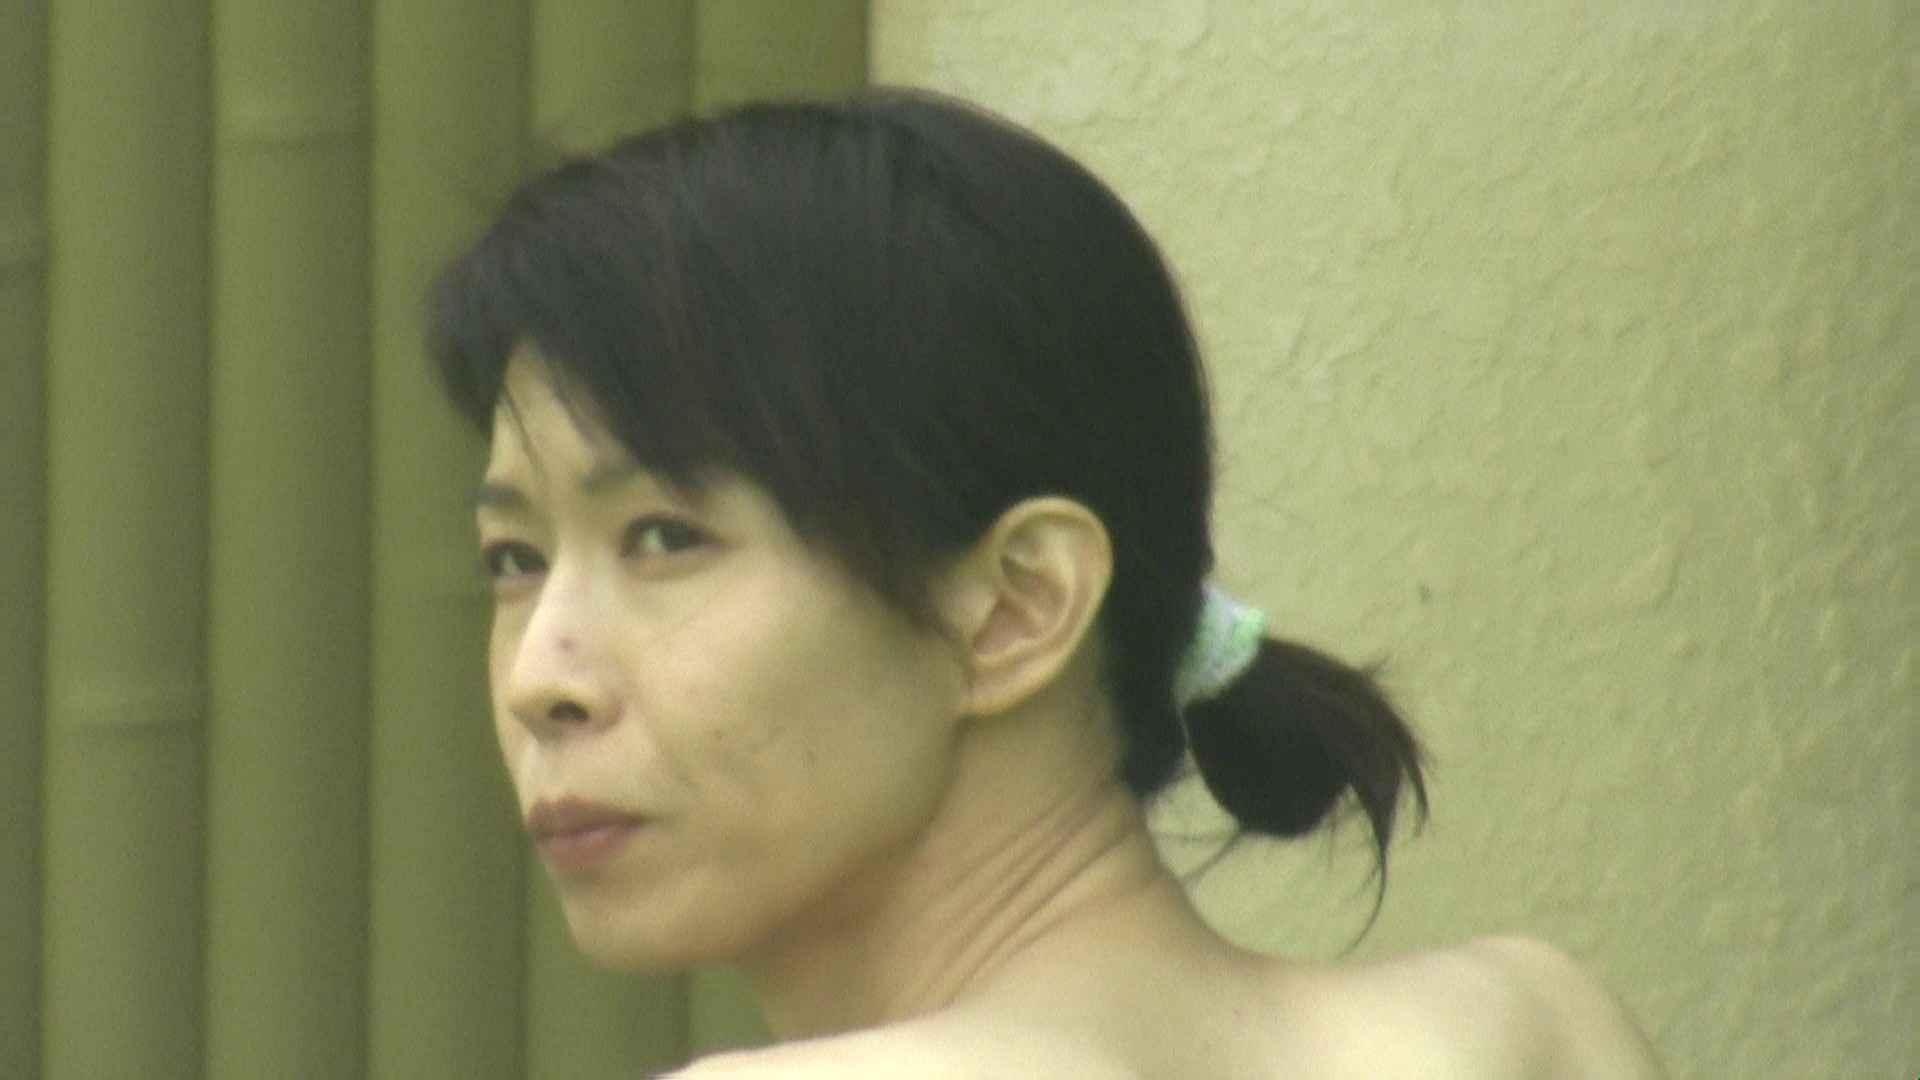 Aquaな露天風呂Vol.631 露天風呂  11枚 6